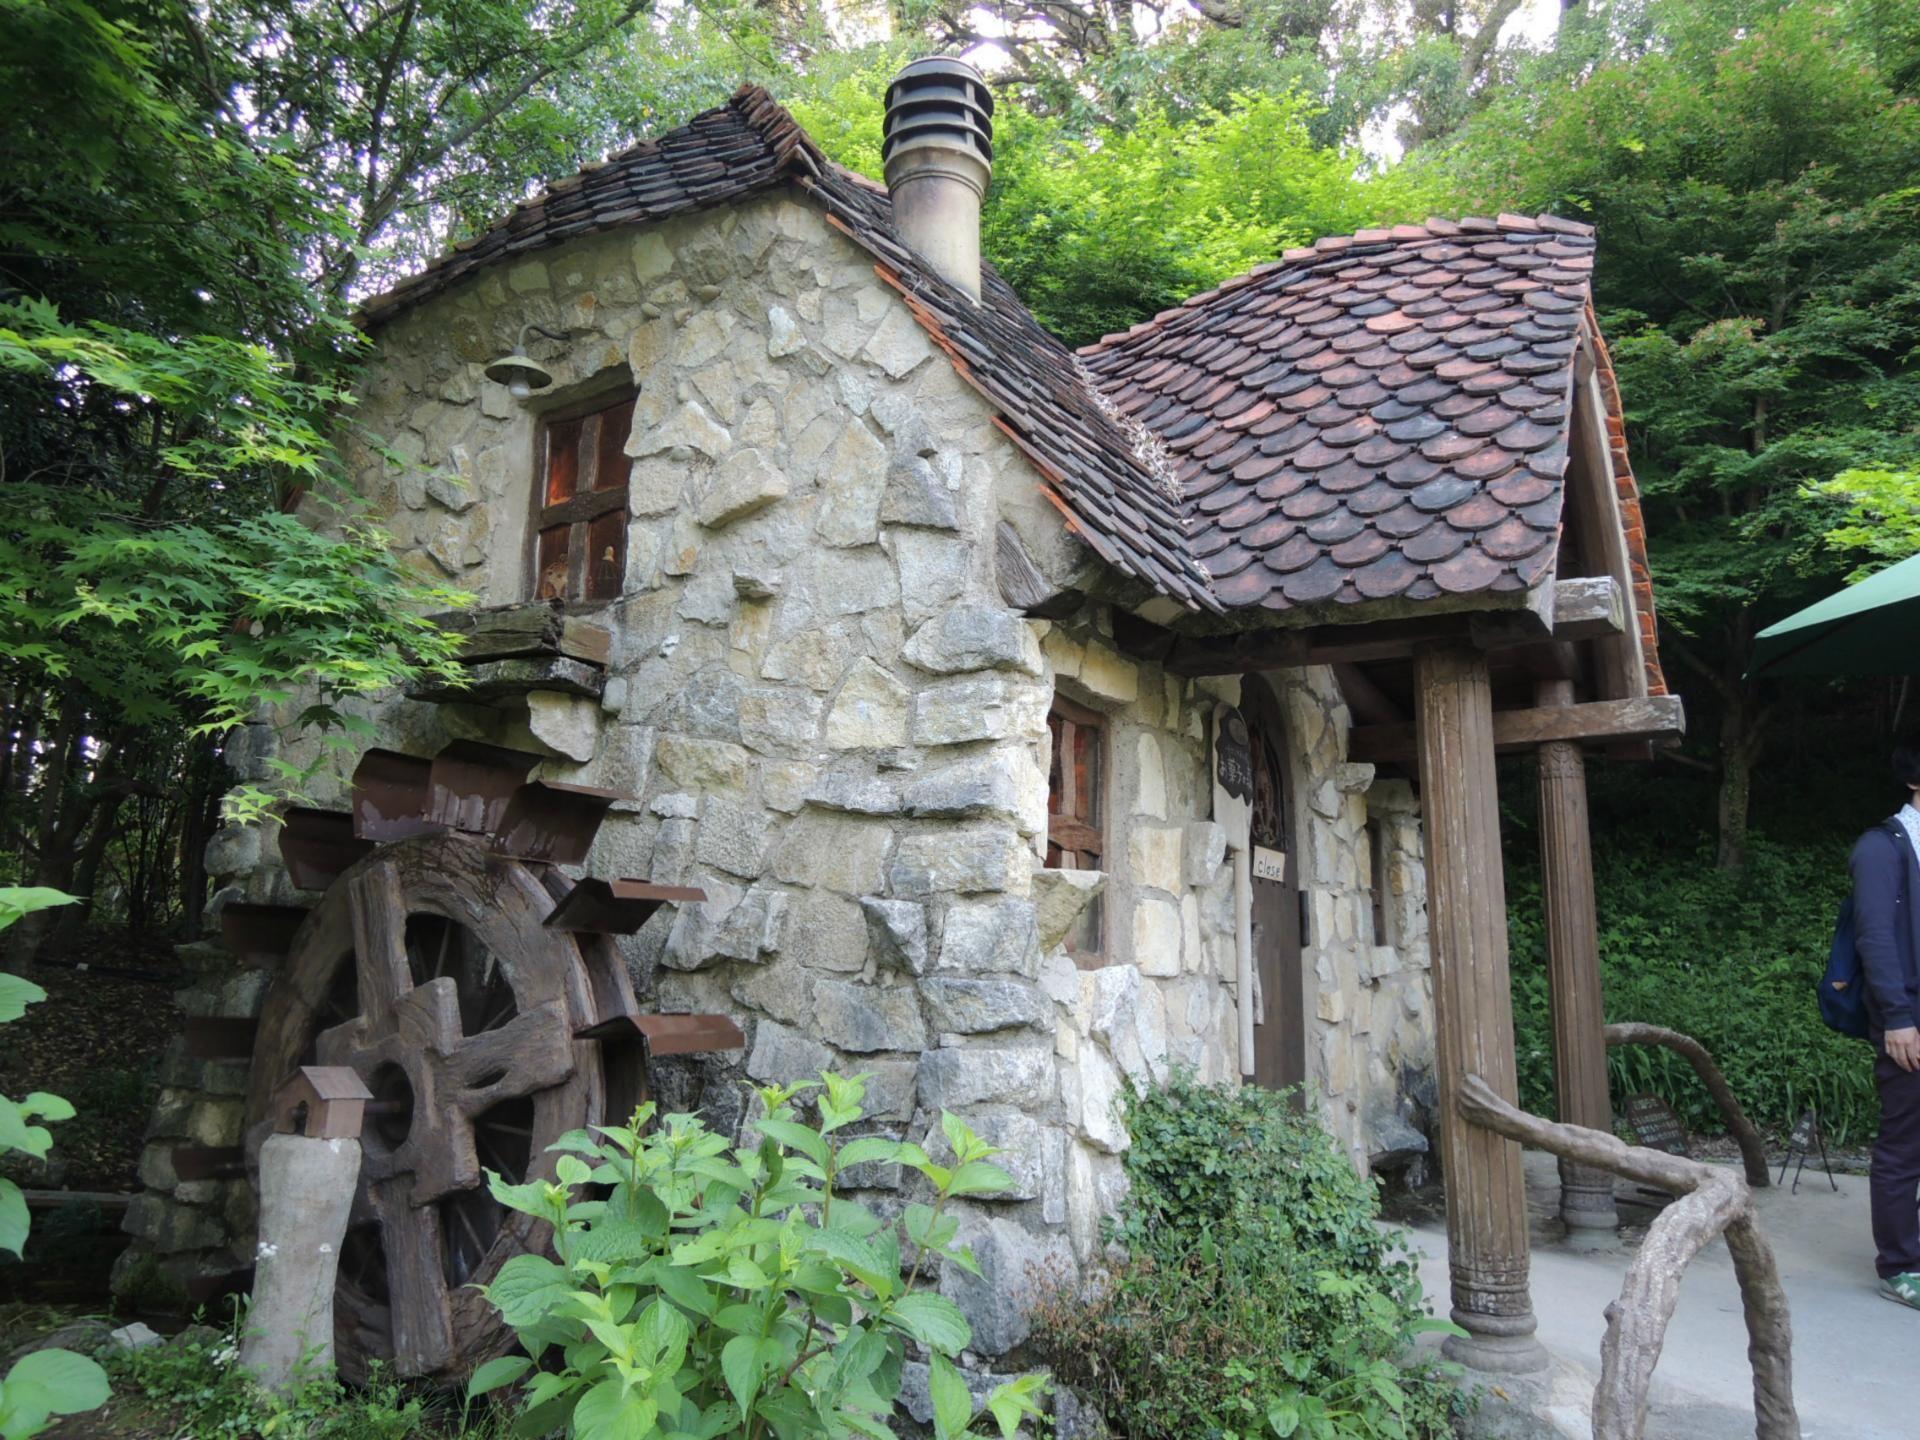 おとぎの国みたいな家 ぬくもりの森 Lemonの日記 レンガの家